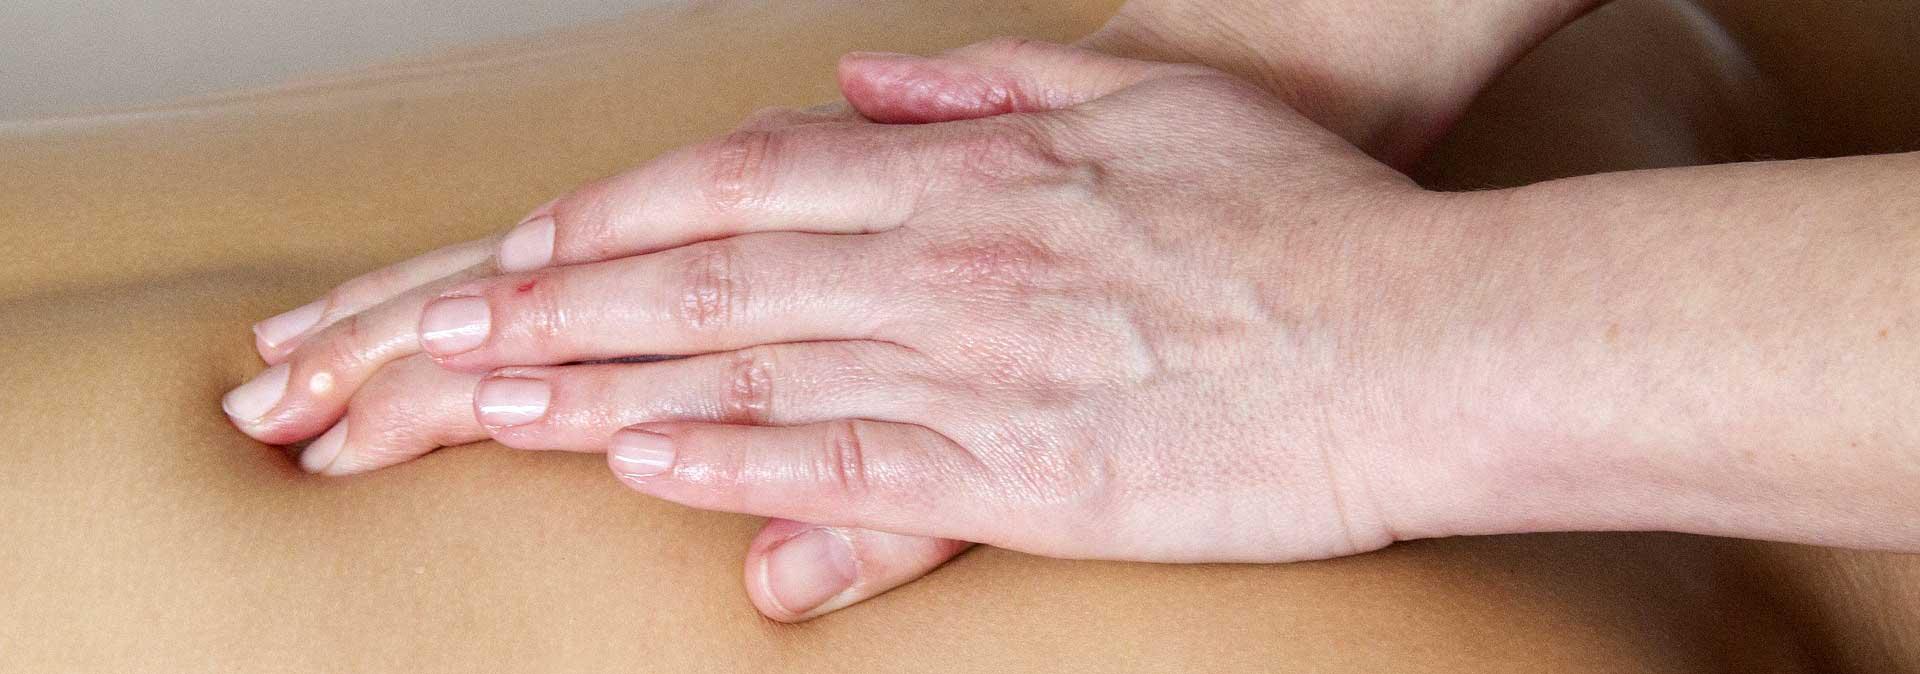 Wonderful World of Massage